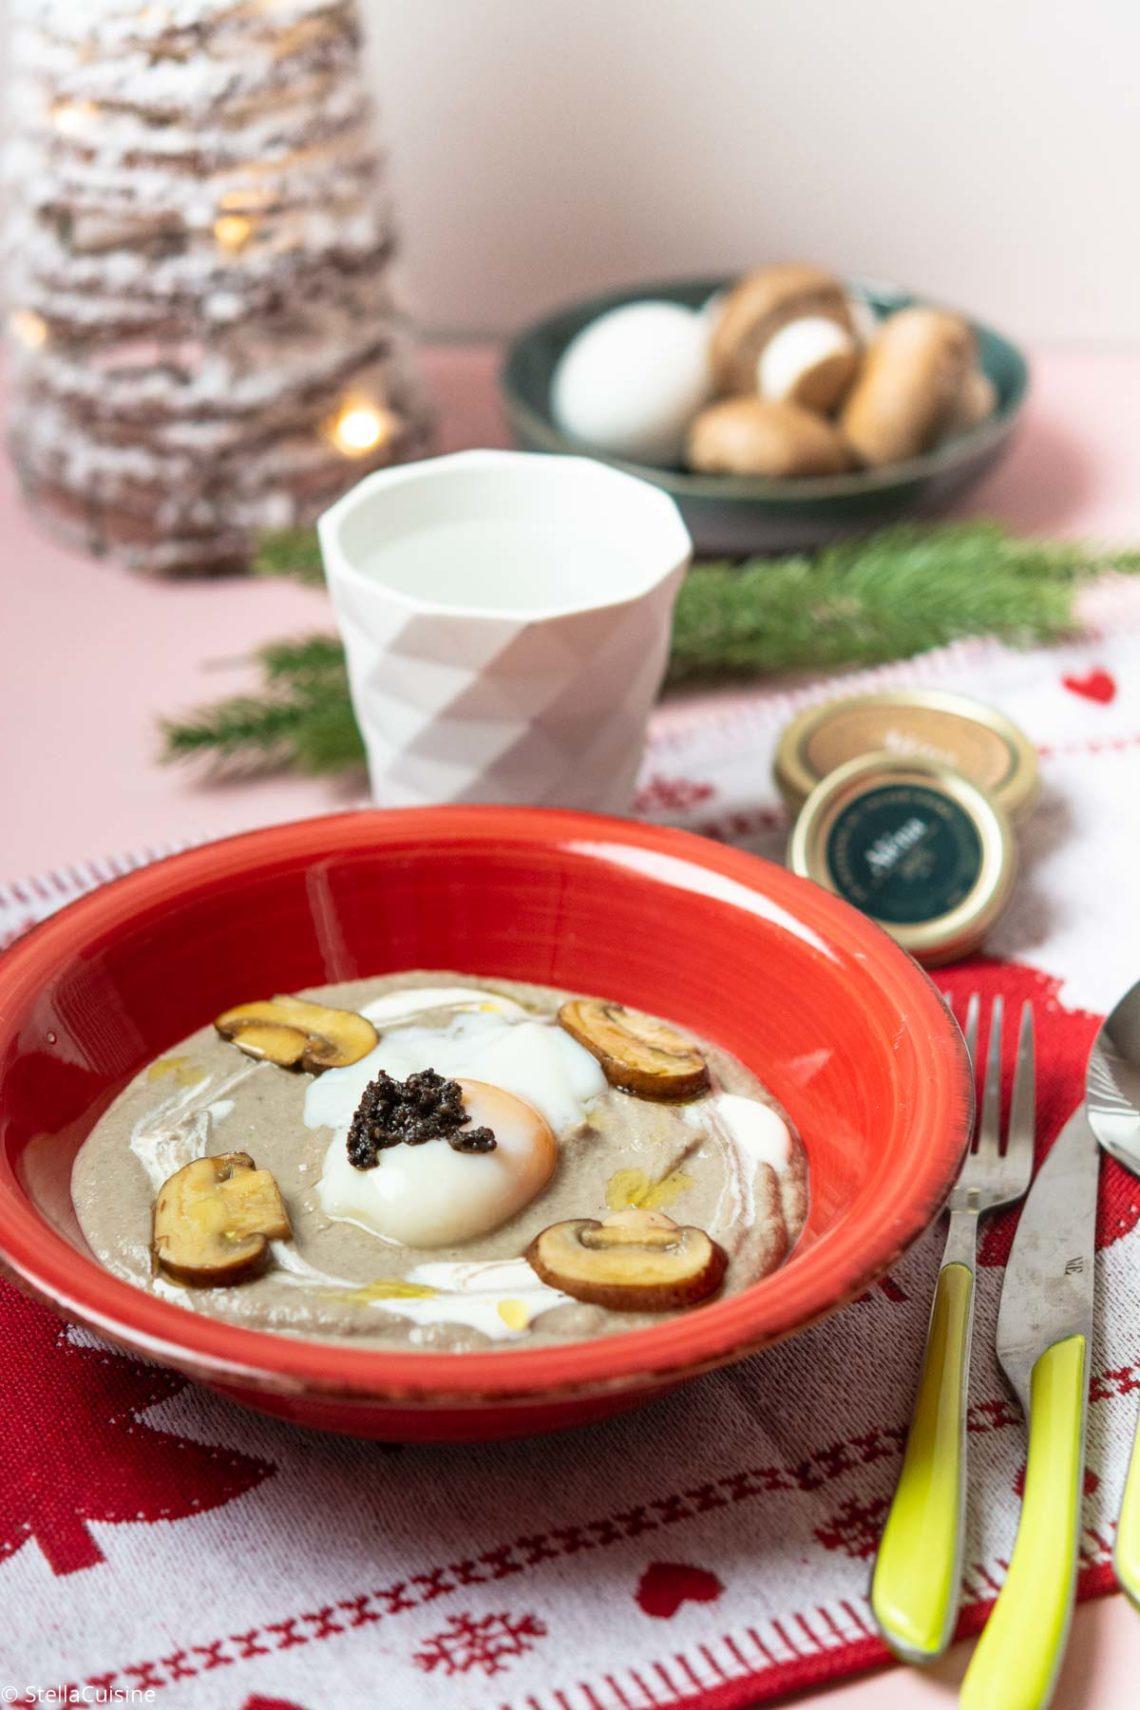 Recette de Noël végétarien : velouté de champignons, œuf parfait à la truffe noire. Recette avec les suprêmes de truffe Aléna. Tout savoir sur la cuisson de l'oeuf parfait.